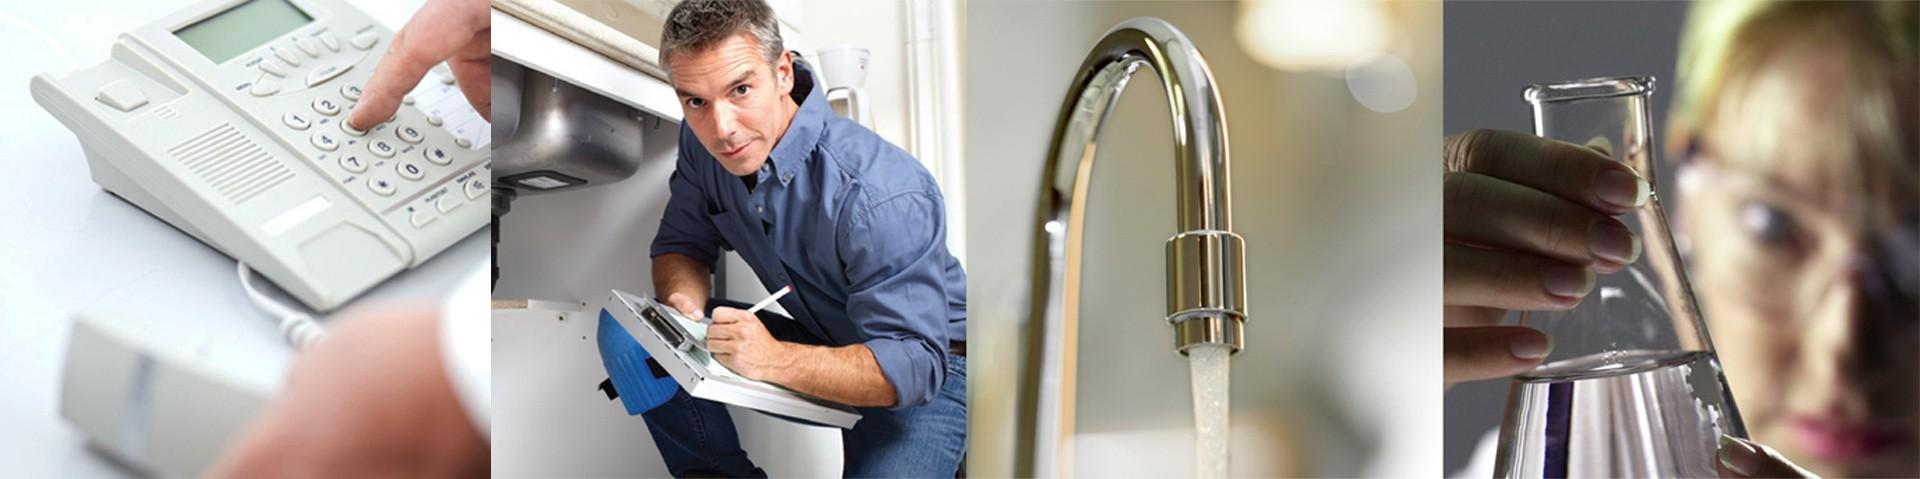 Качество котловой воды. Нормы качества воды для котлов